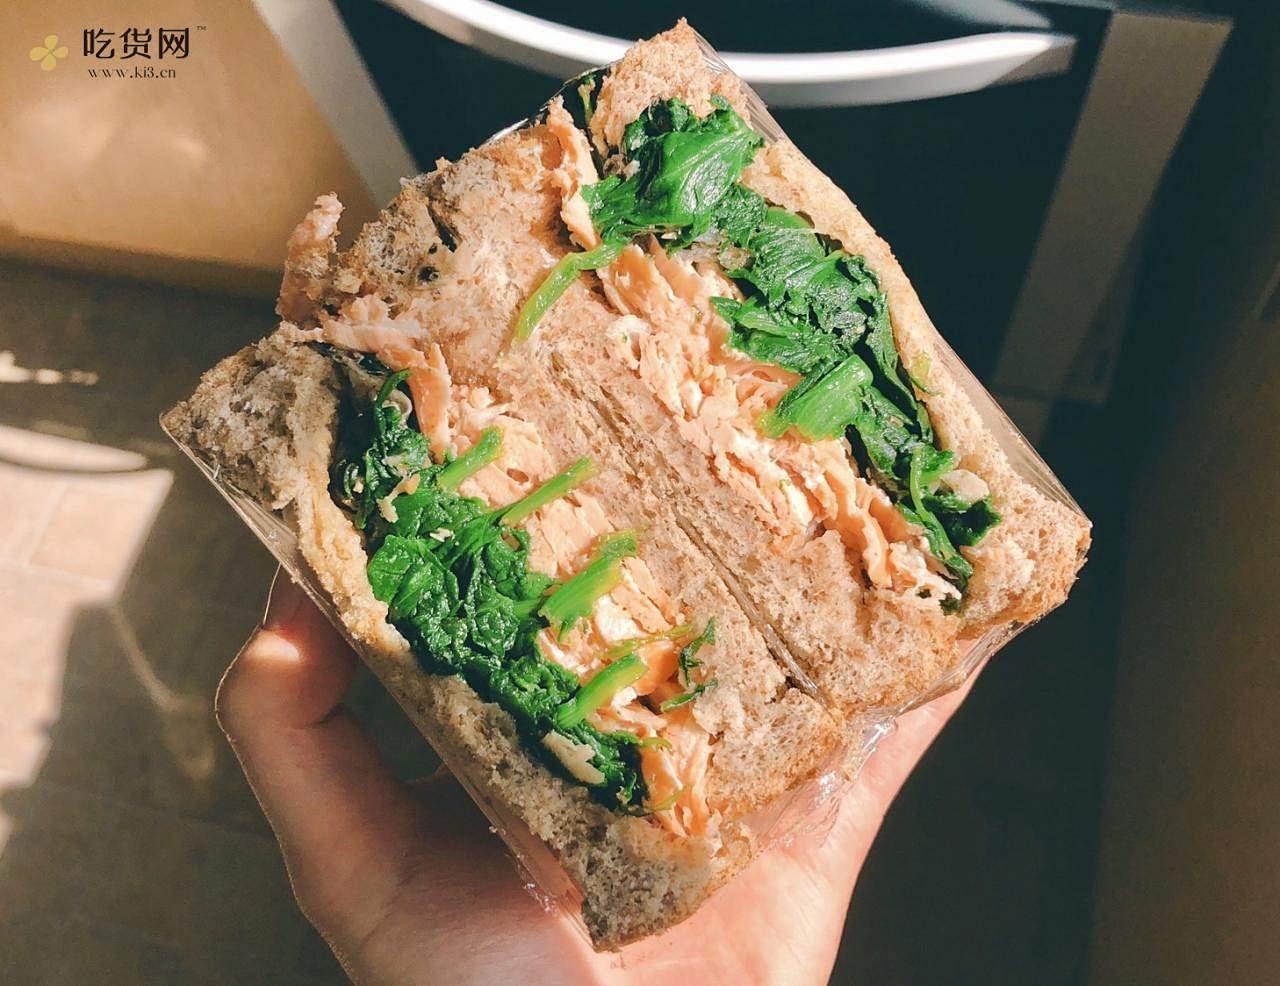 视觉味觉爆炸的全麦三明治系列|减脂万能公式 欢迎来玩!的做法 步骤14